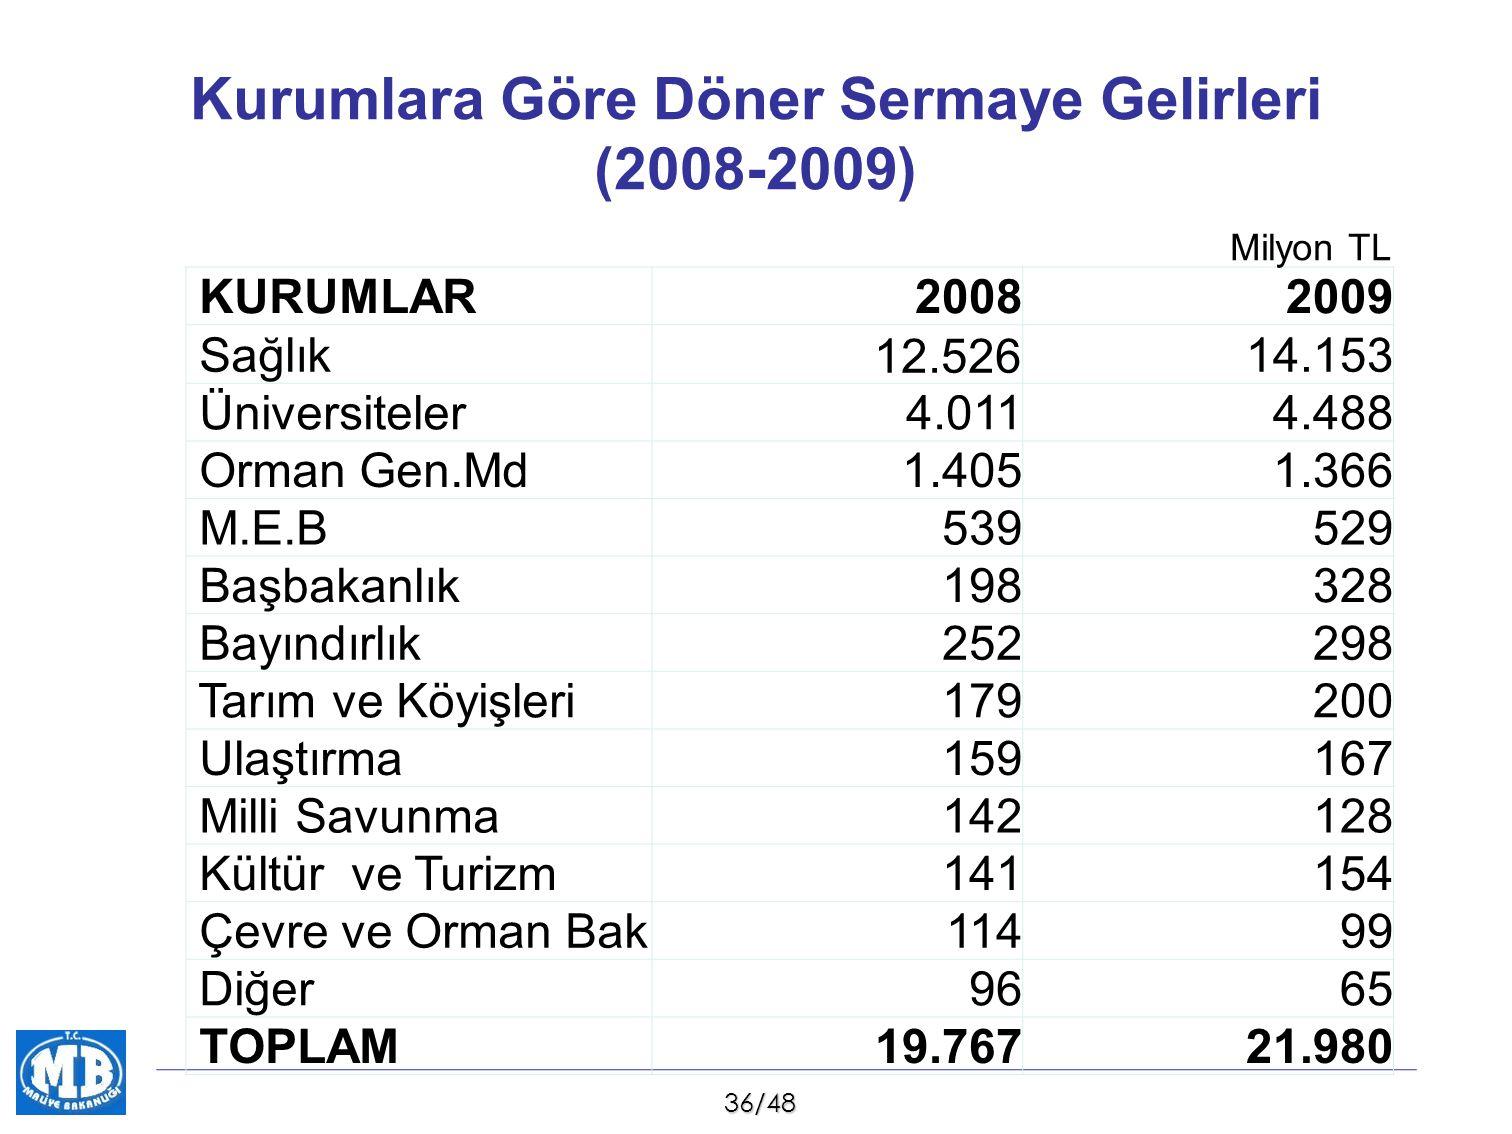 Kurumlara Göre Döner Sermaye Gelirleri (2008-2009)